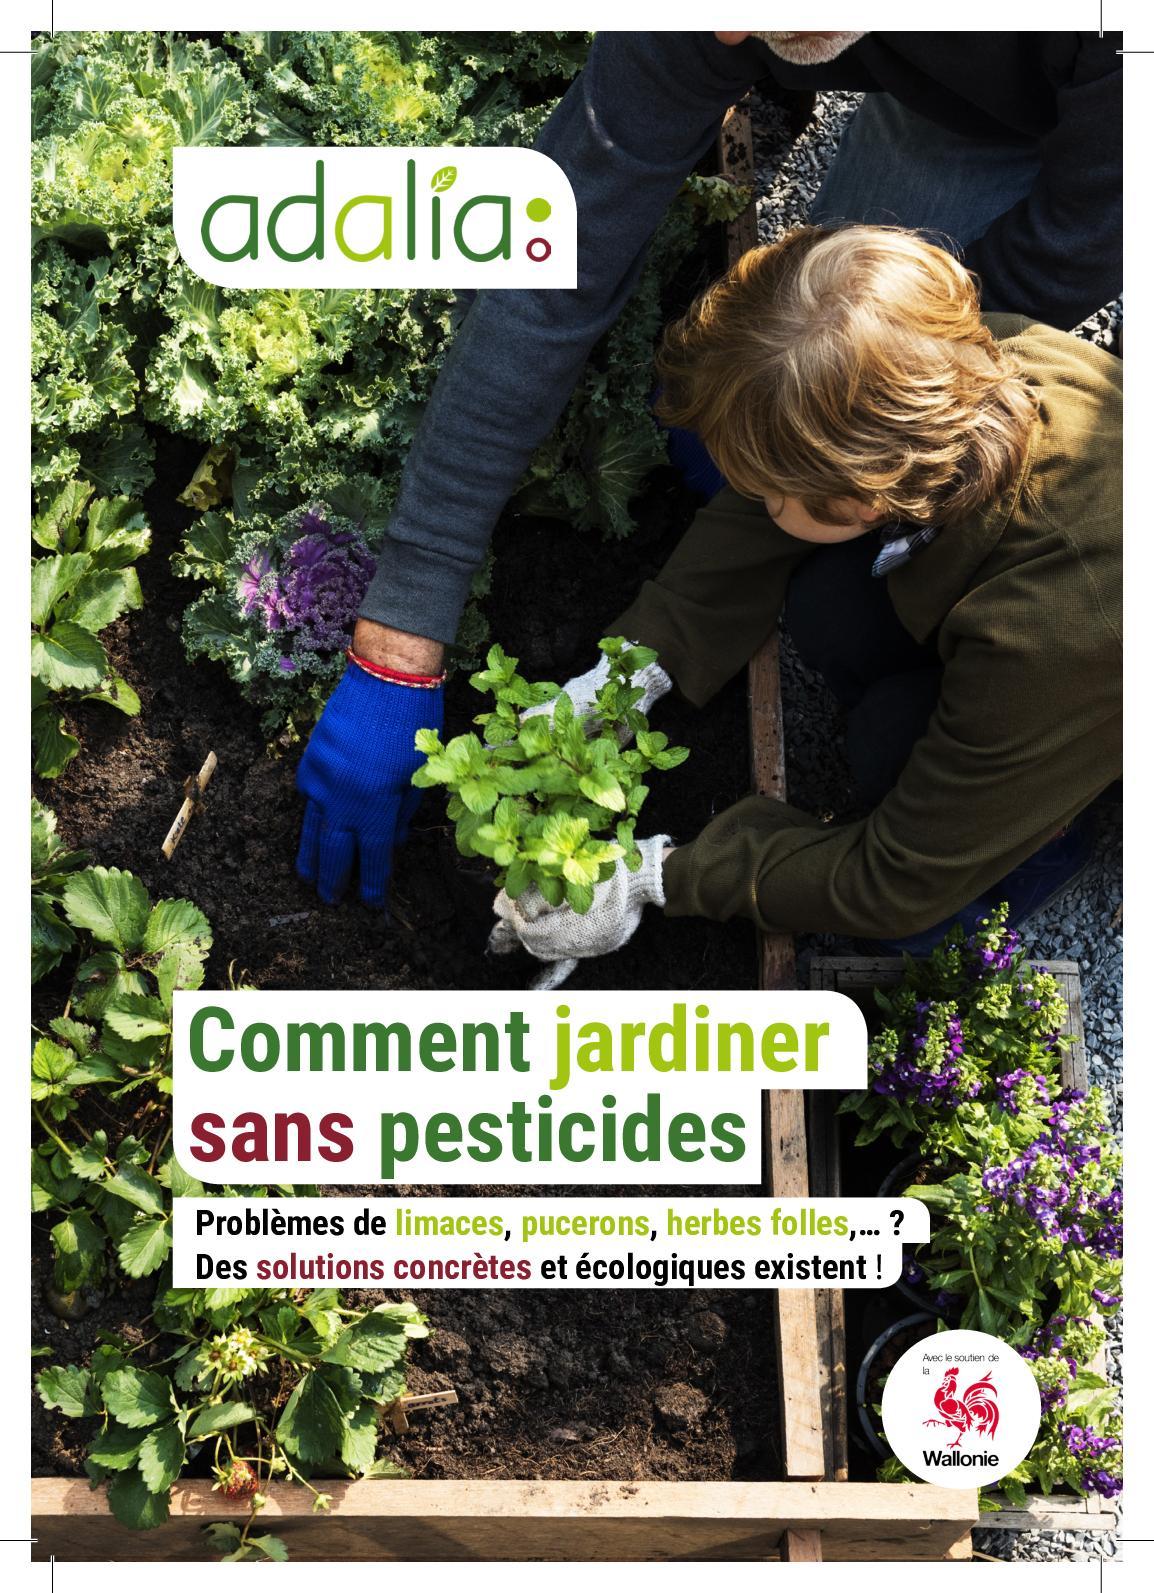 Bicarbonate De Soude Contre Les Pucerons calaméo - brochure jardiner sans pesticides